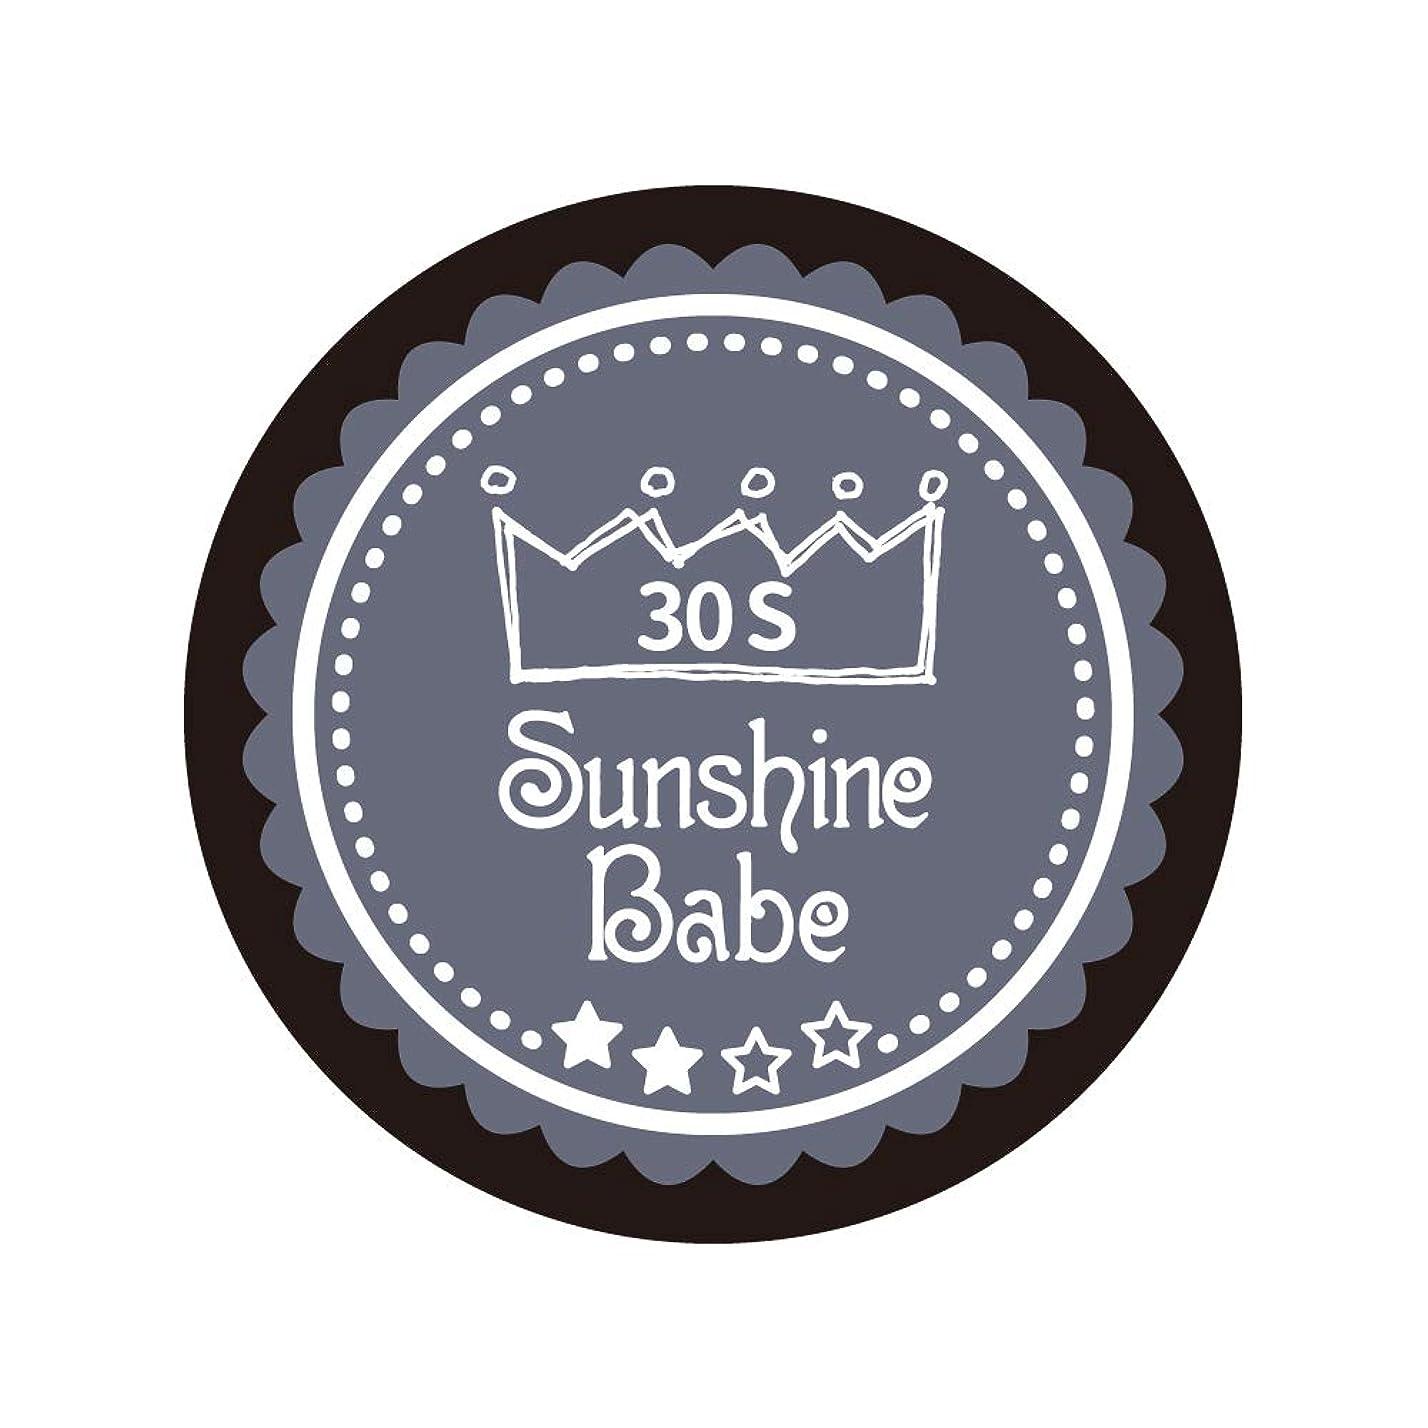 ダイアクリティカル横向きせせらぎSunshine Babe コスメティックカラー 30S チャコールグレー 4g UV/LED対応